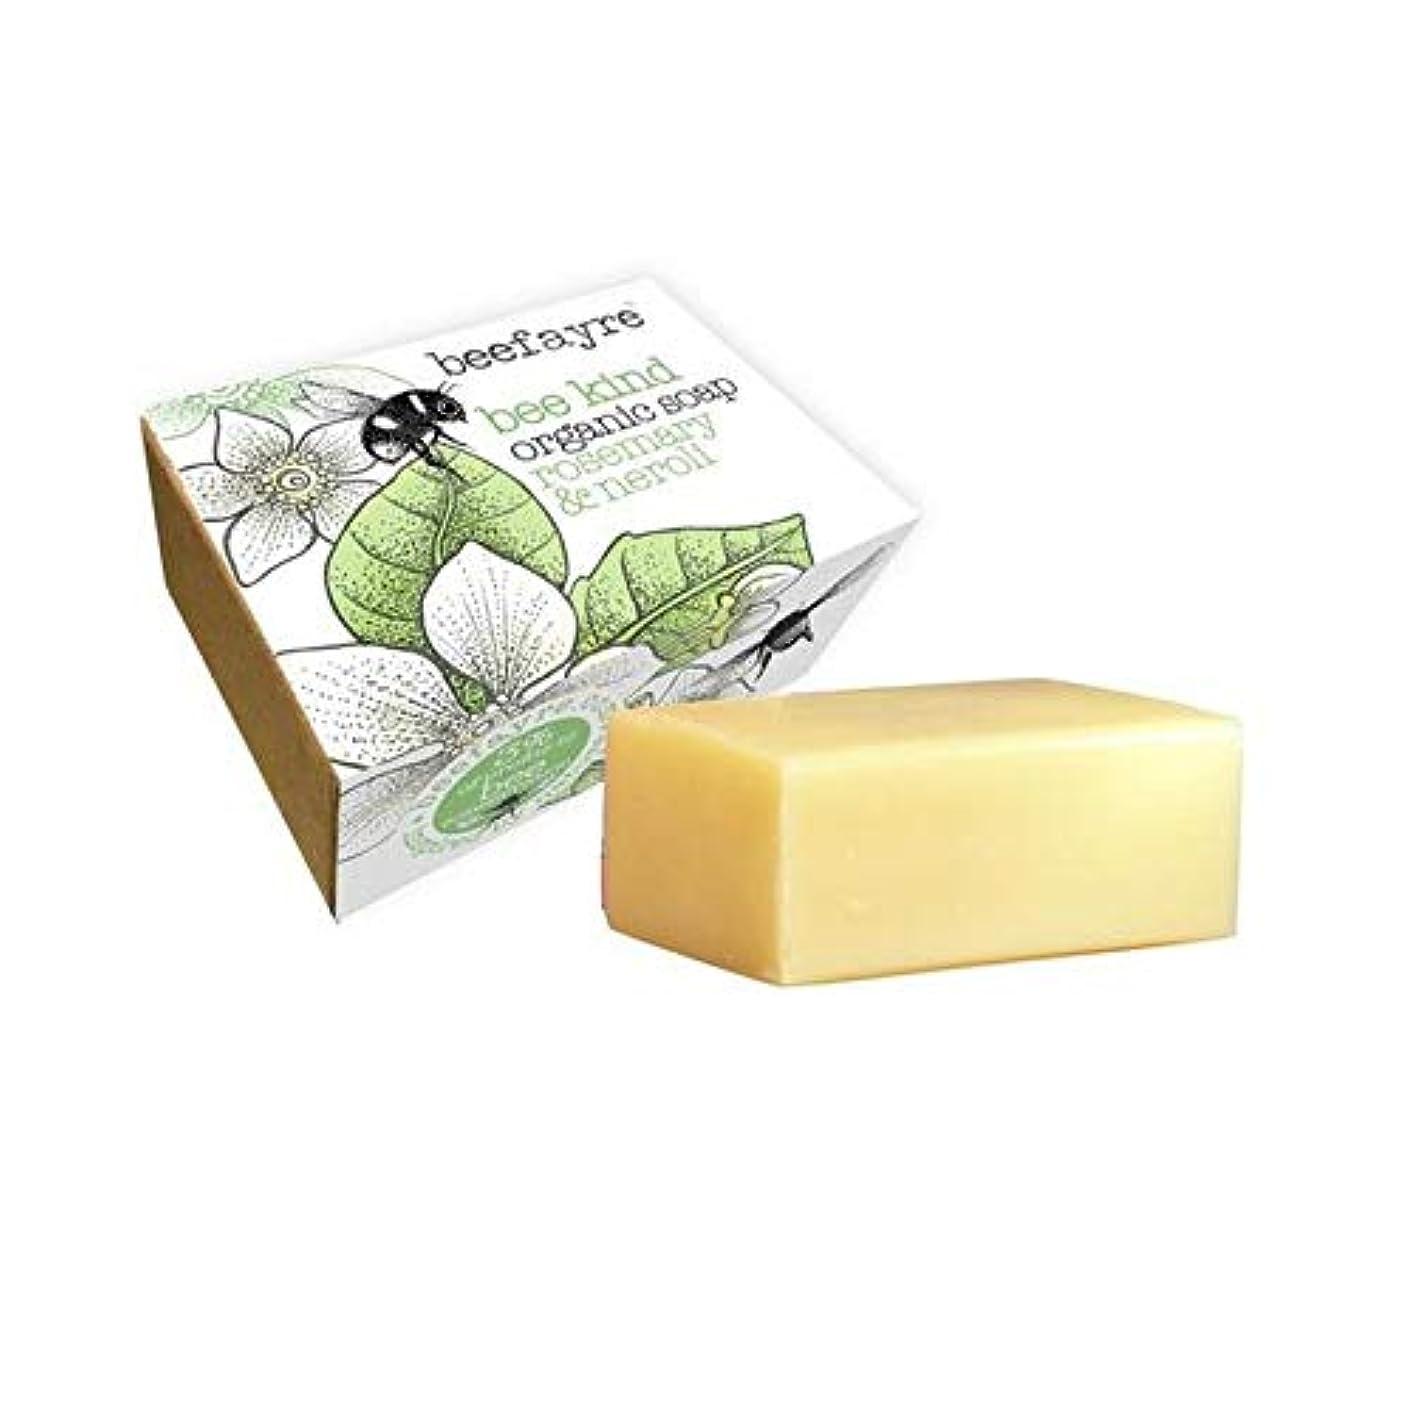 確立生態学ポーター[Beefayre] 有機ローズマリー&ネロリソープバー100グラムBeefayre - Beefayre Organic Rosemary & Neroli Soap Bar 100g [並行輸入品]